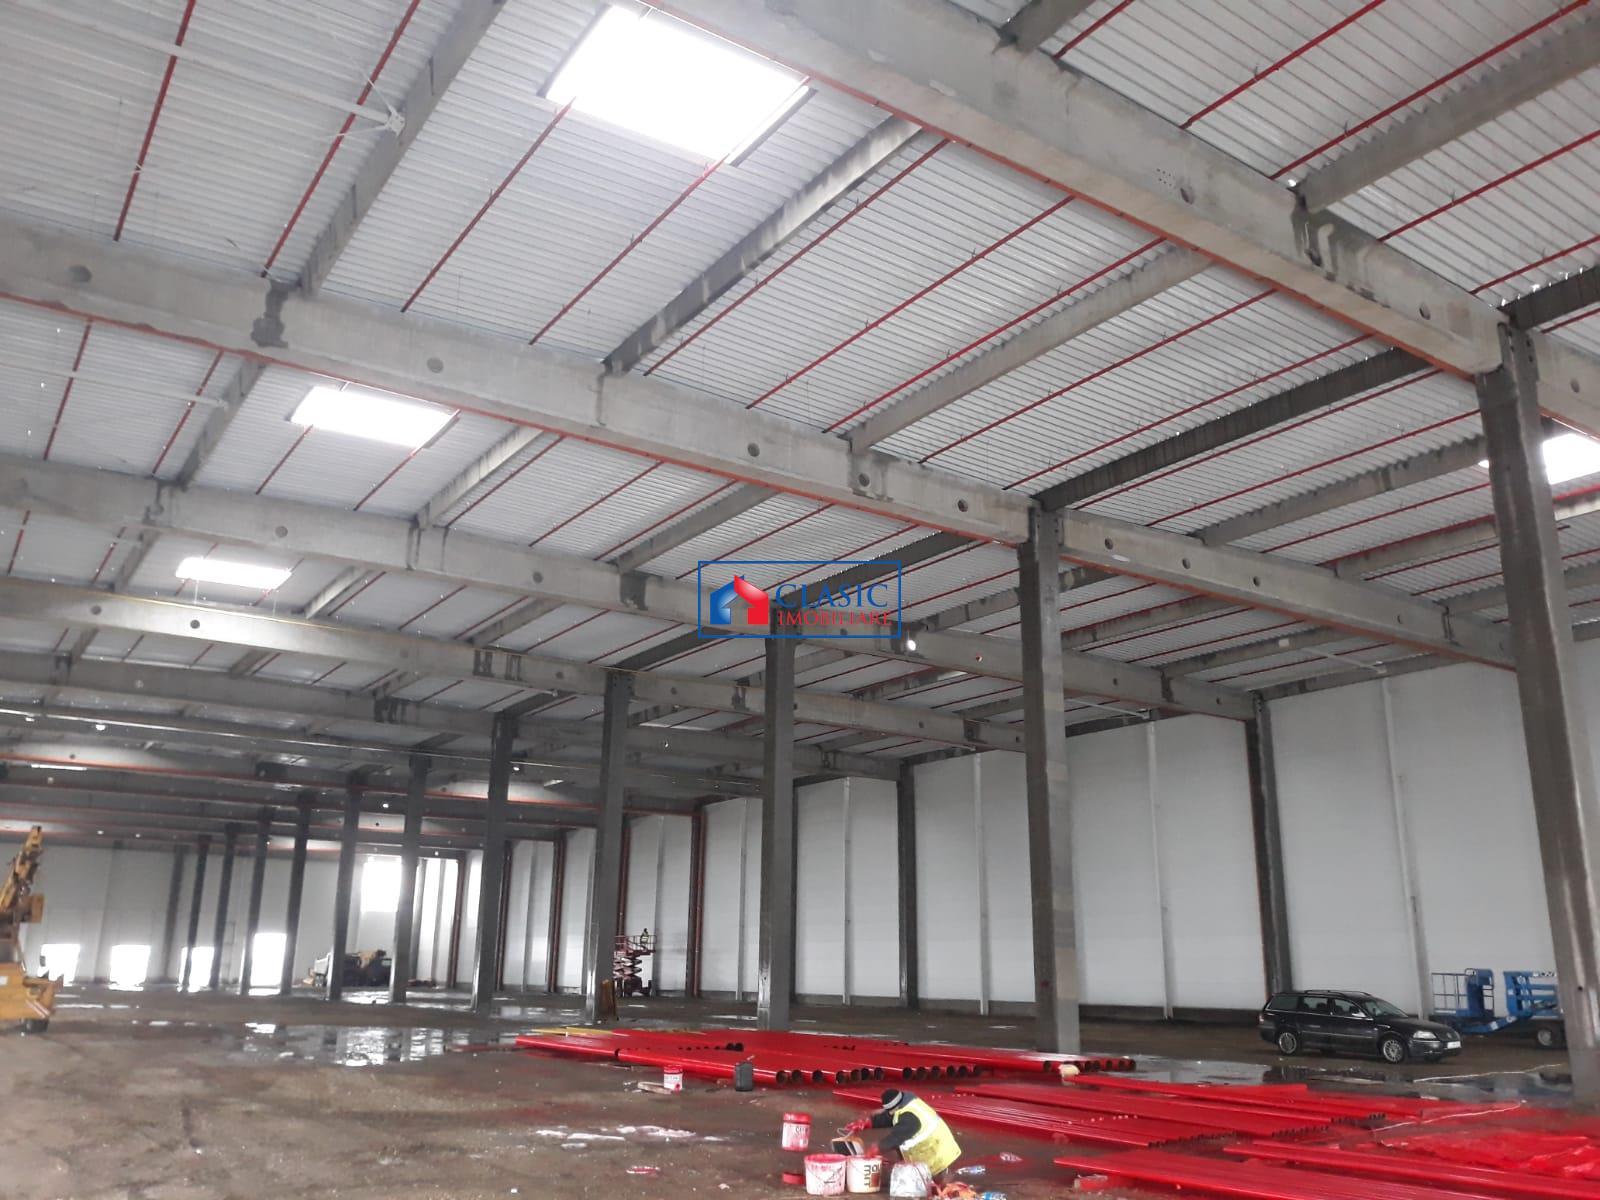 Hala industriala, pentru depozitare sau productie Jucu, Cluj Napoca